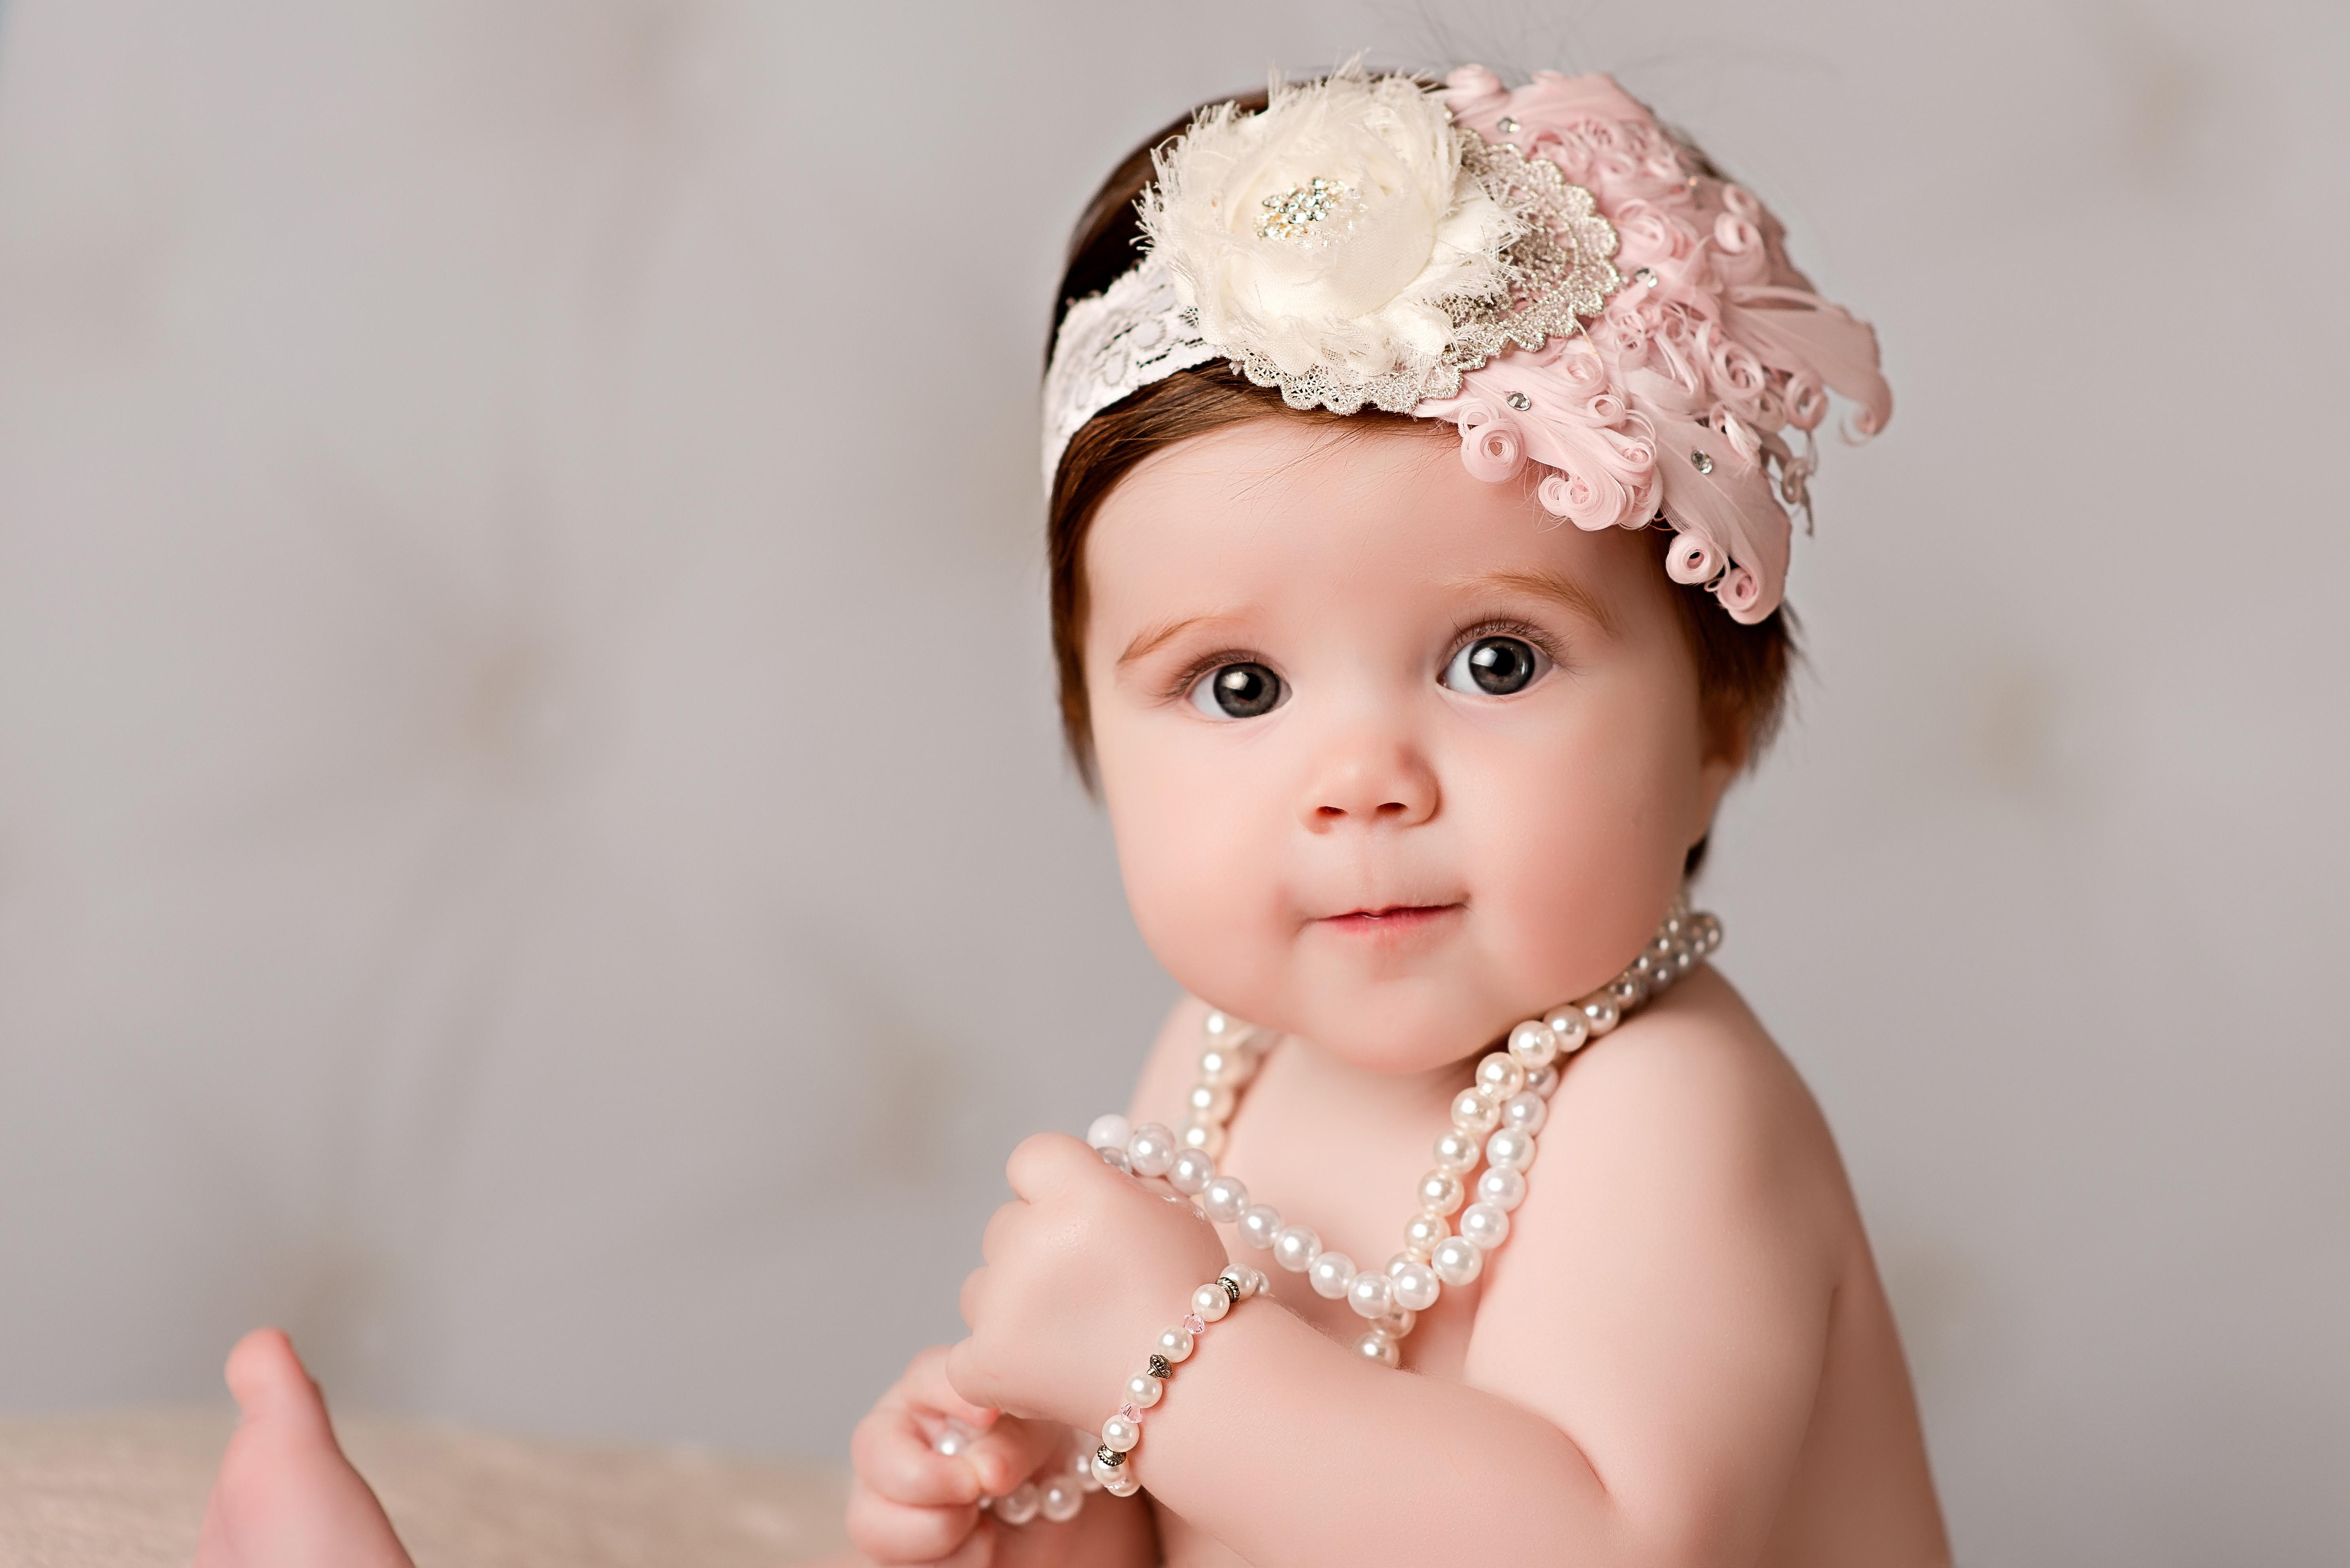 BabyandChildrenPhotography-4.jpg